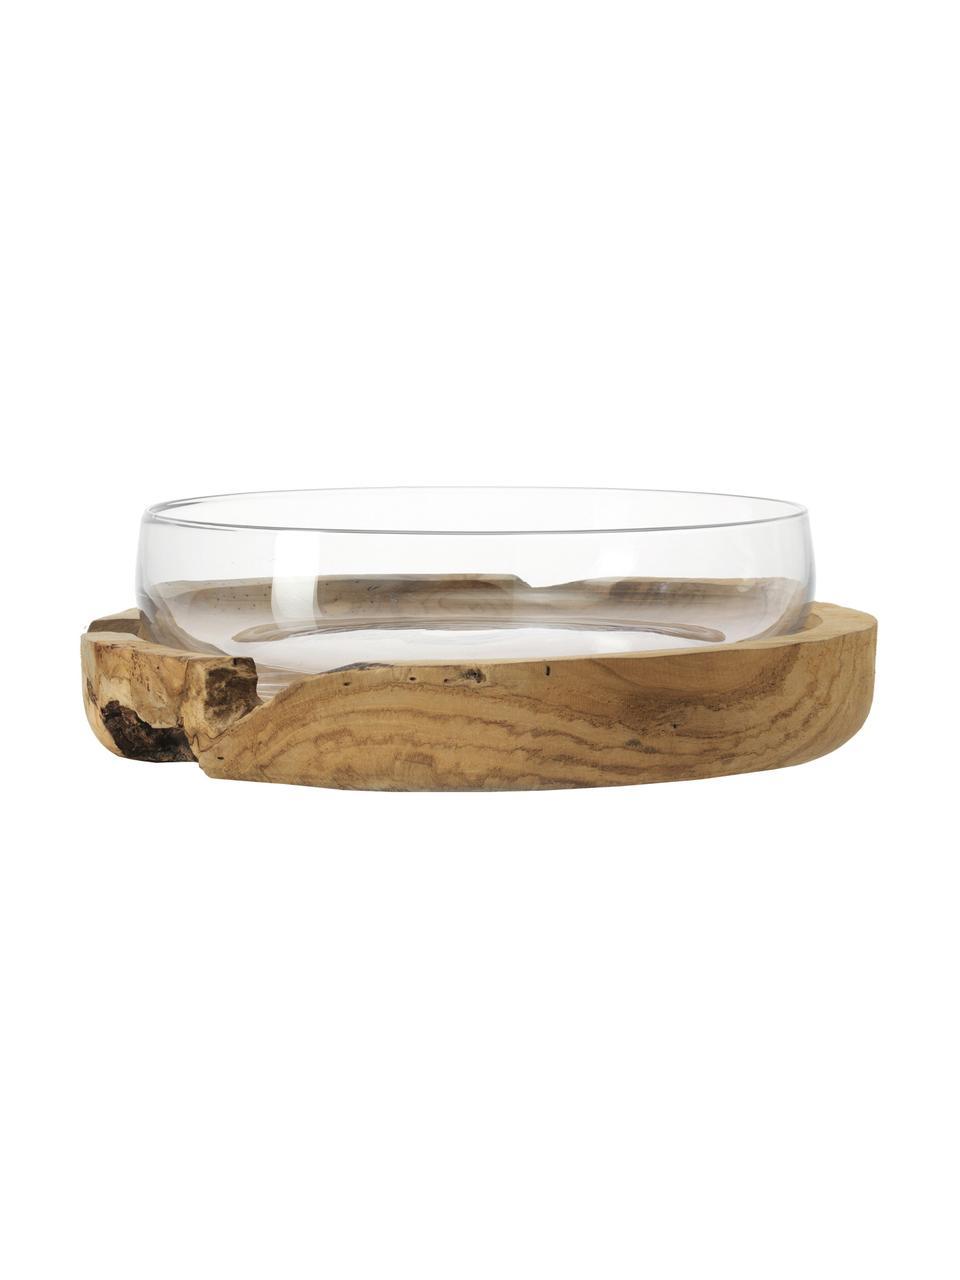 Ręcznie wykonana miska dekoracyjna z cokołem z drewna tekowego Terra, Transparentny, Ø 28 x W 11 cm